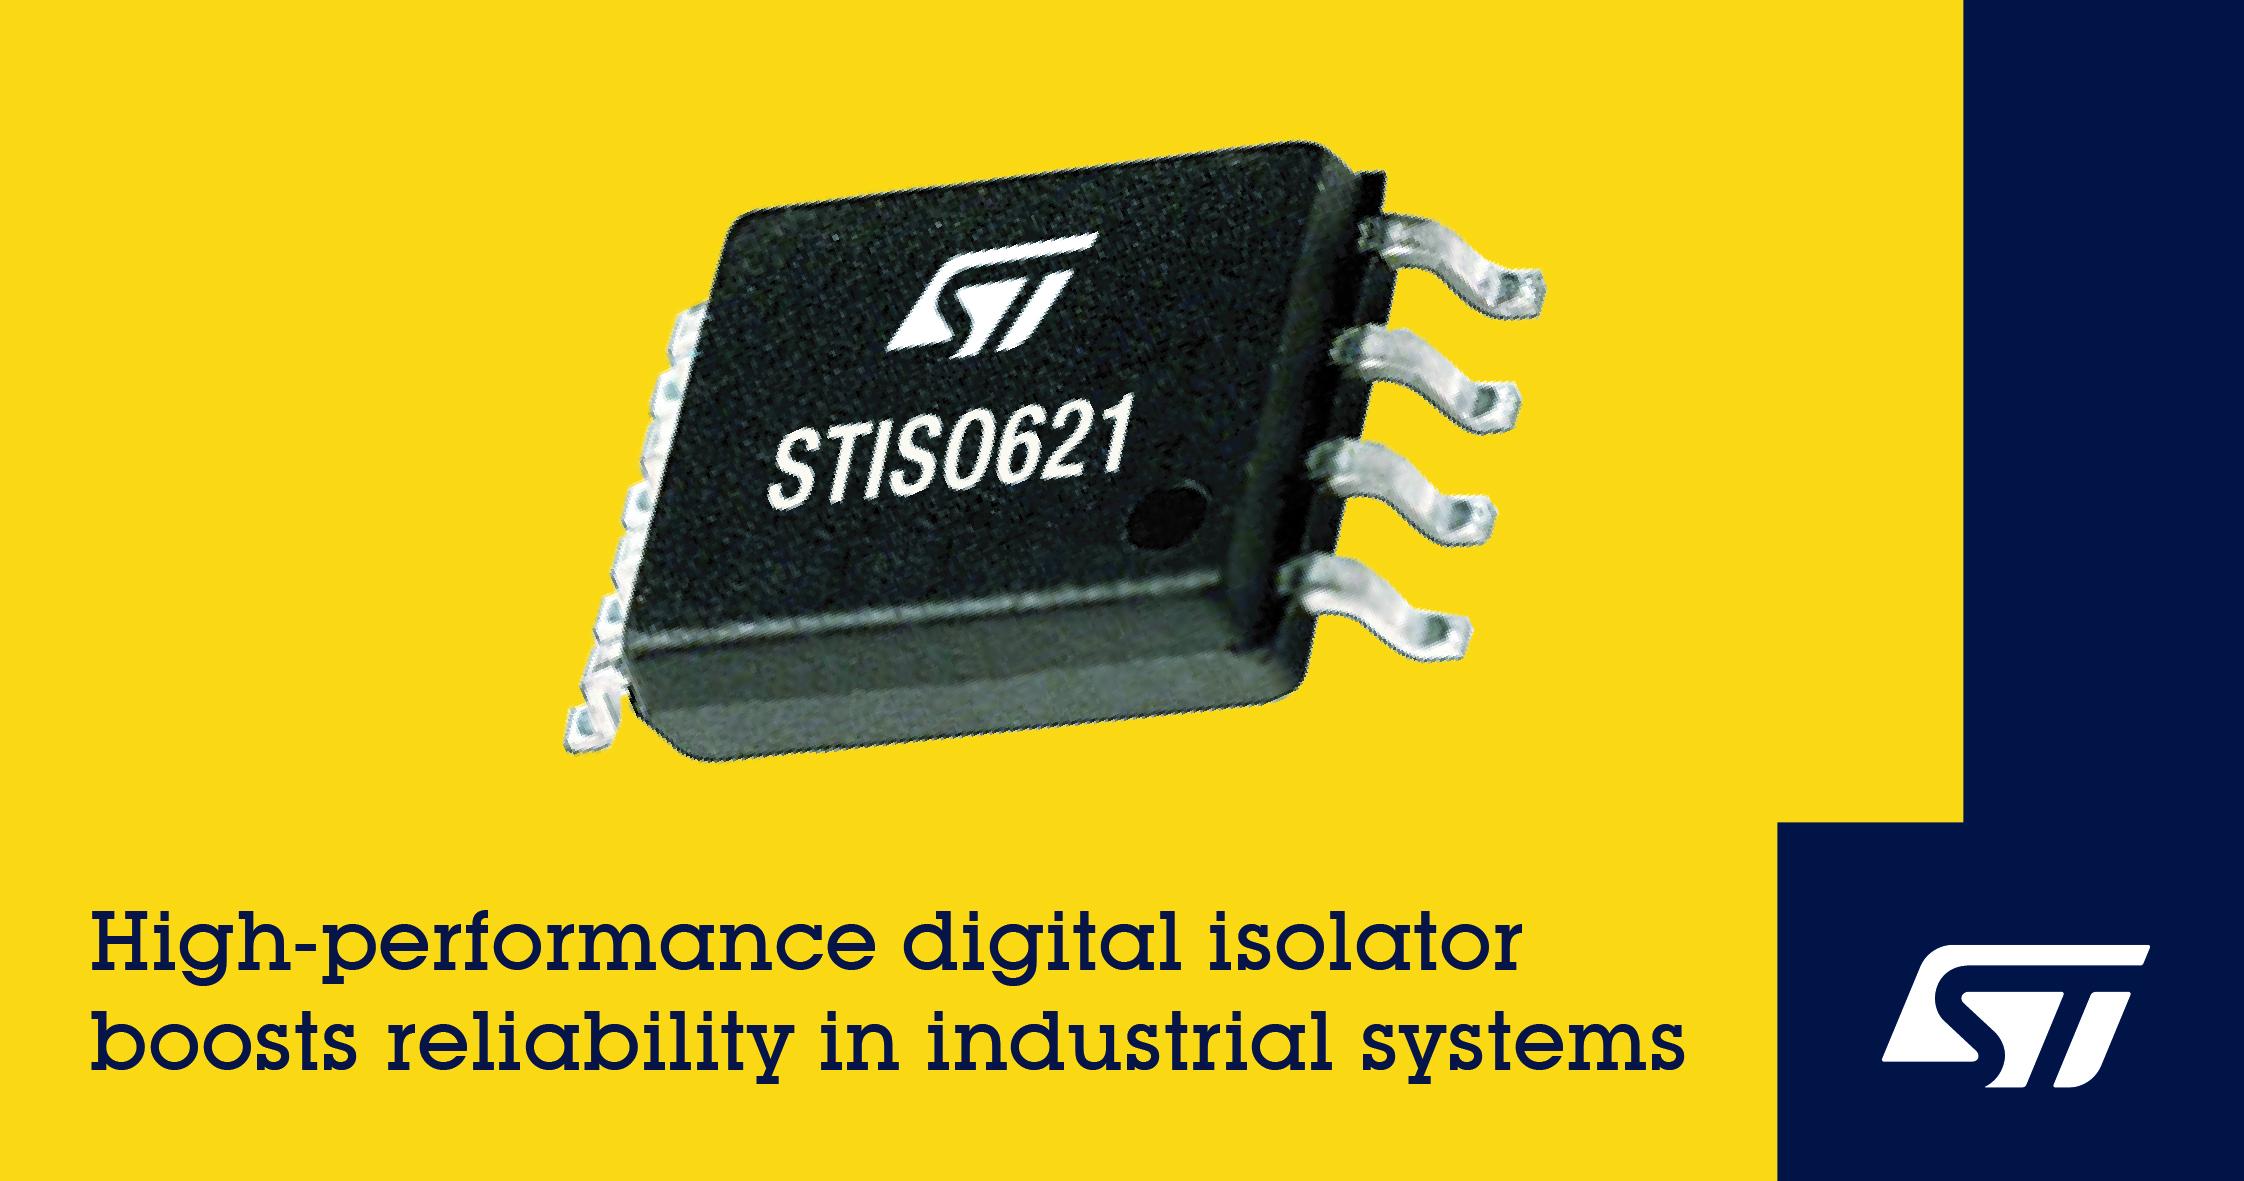 意法半导体数字隔离器采用新型厚氧化物电流隔离技术,可提高性能和可靠性